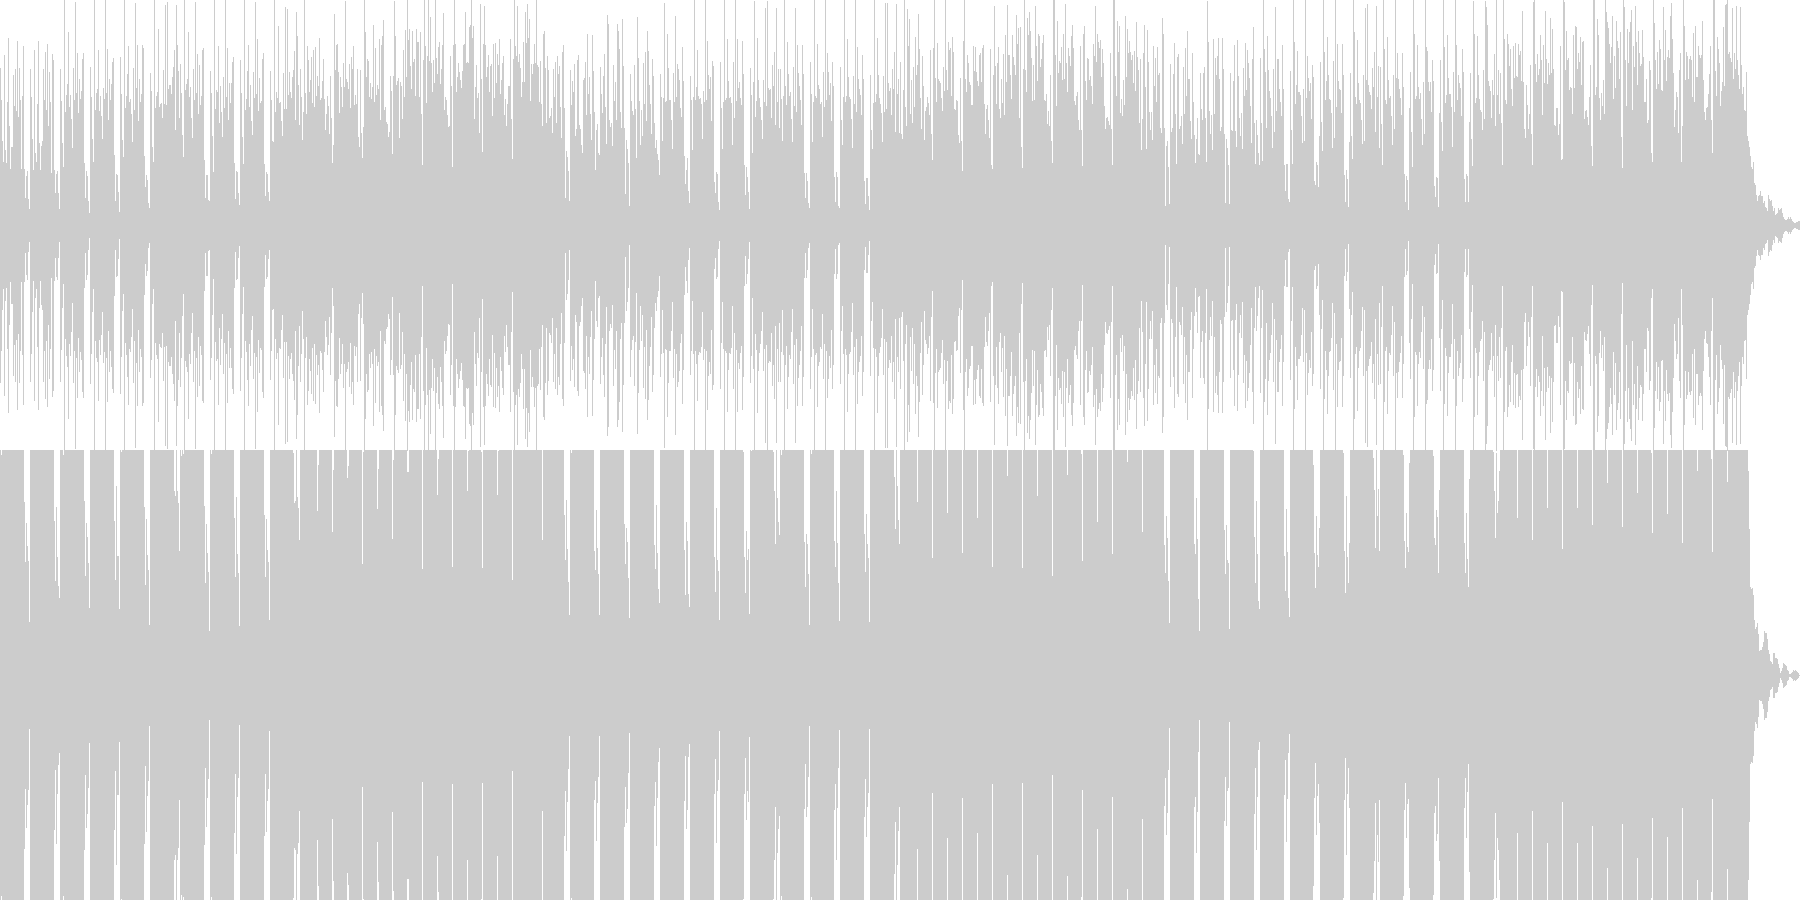 リズム主体のダークなBGMです。の未再生の波形